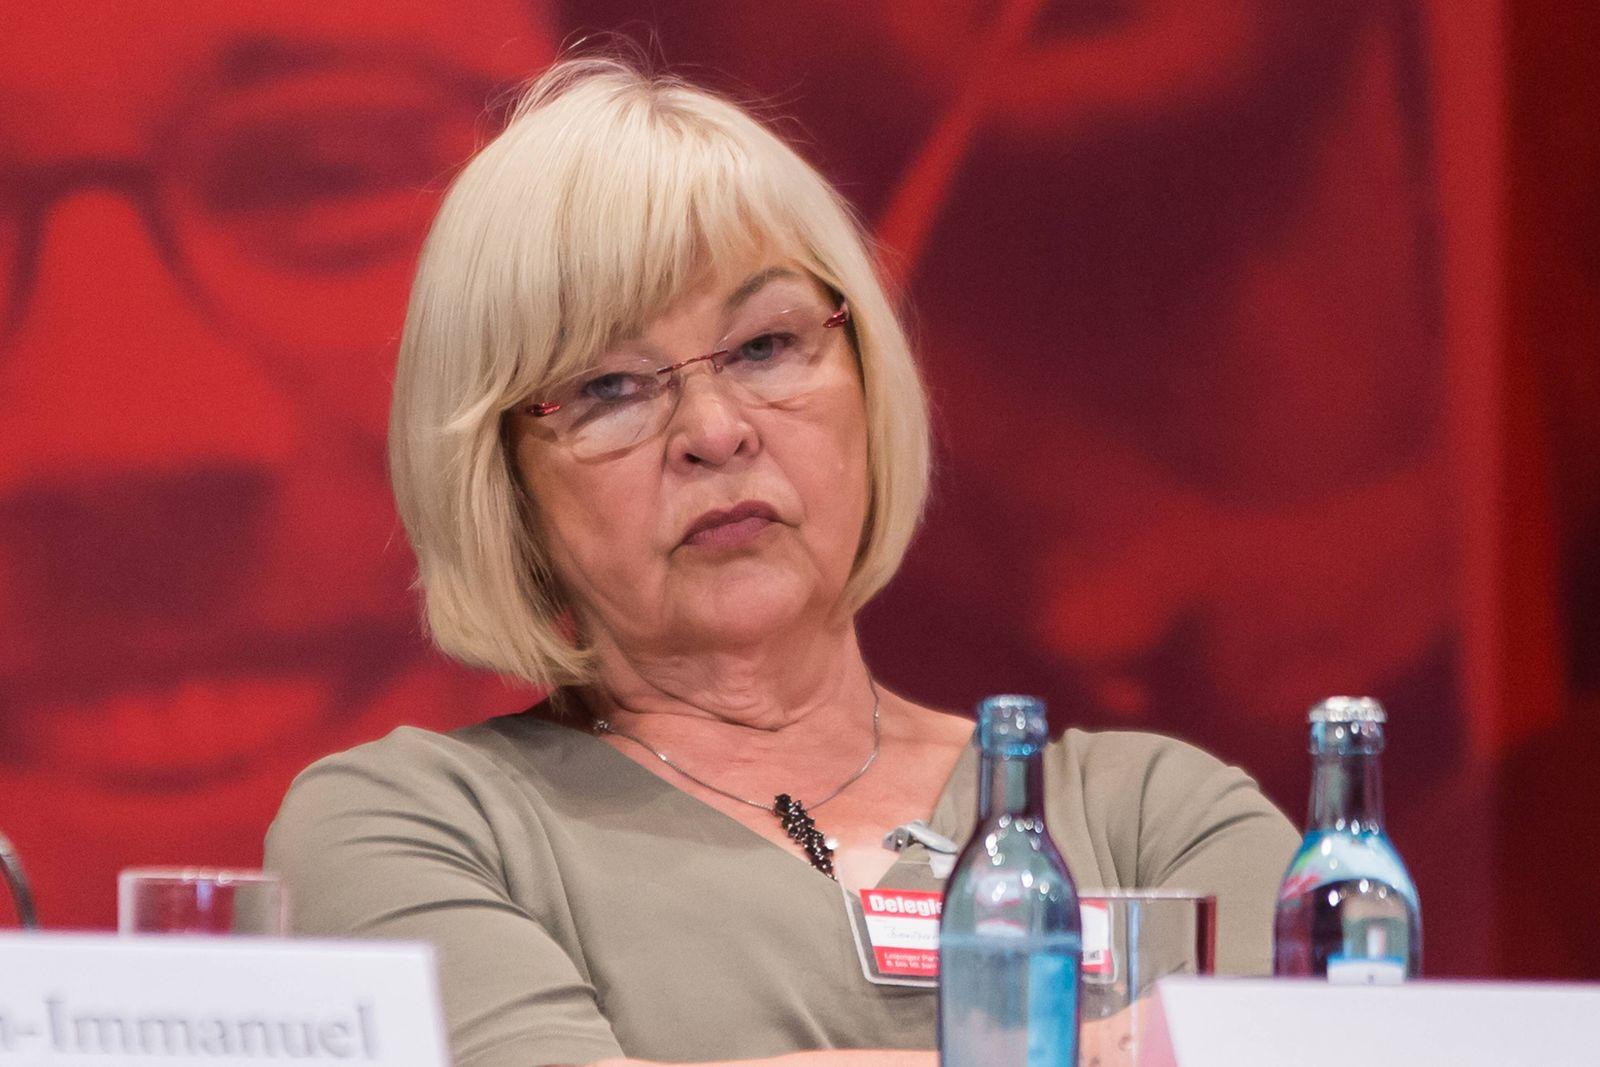 Barbara Borchardt, stellvertretendes Mitglied des Landesverfassungsgerichts Mecklenburg-Vorpommern, Politik, News, Part